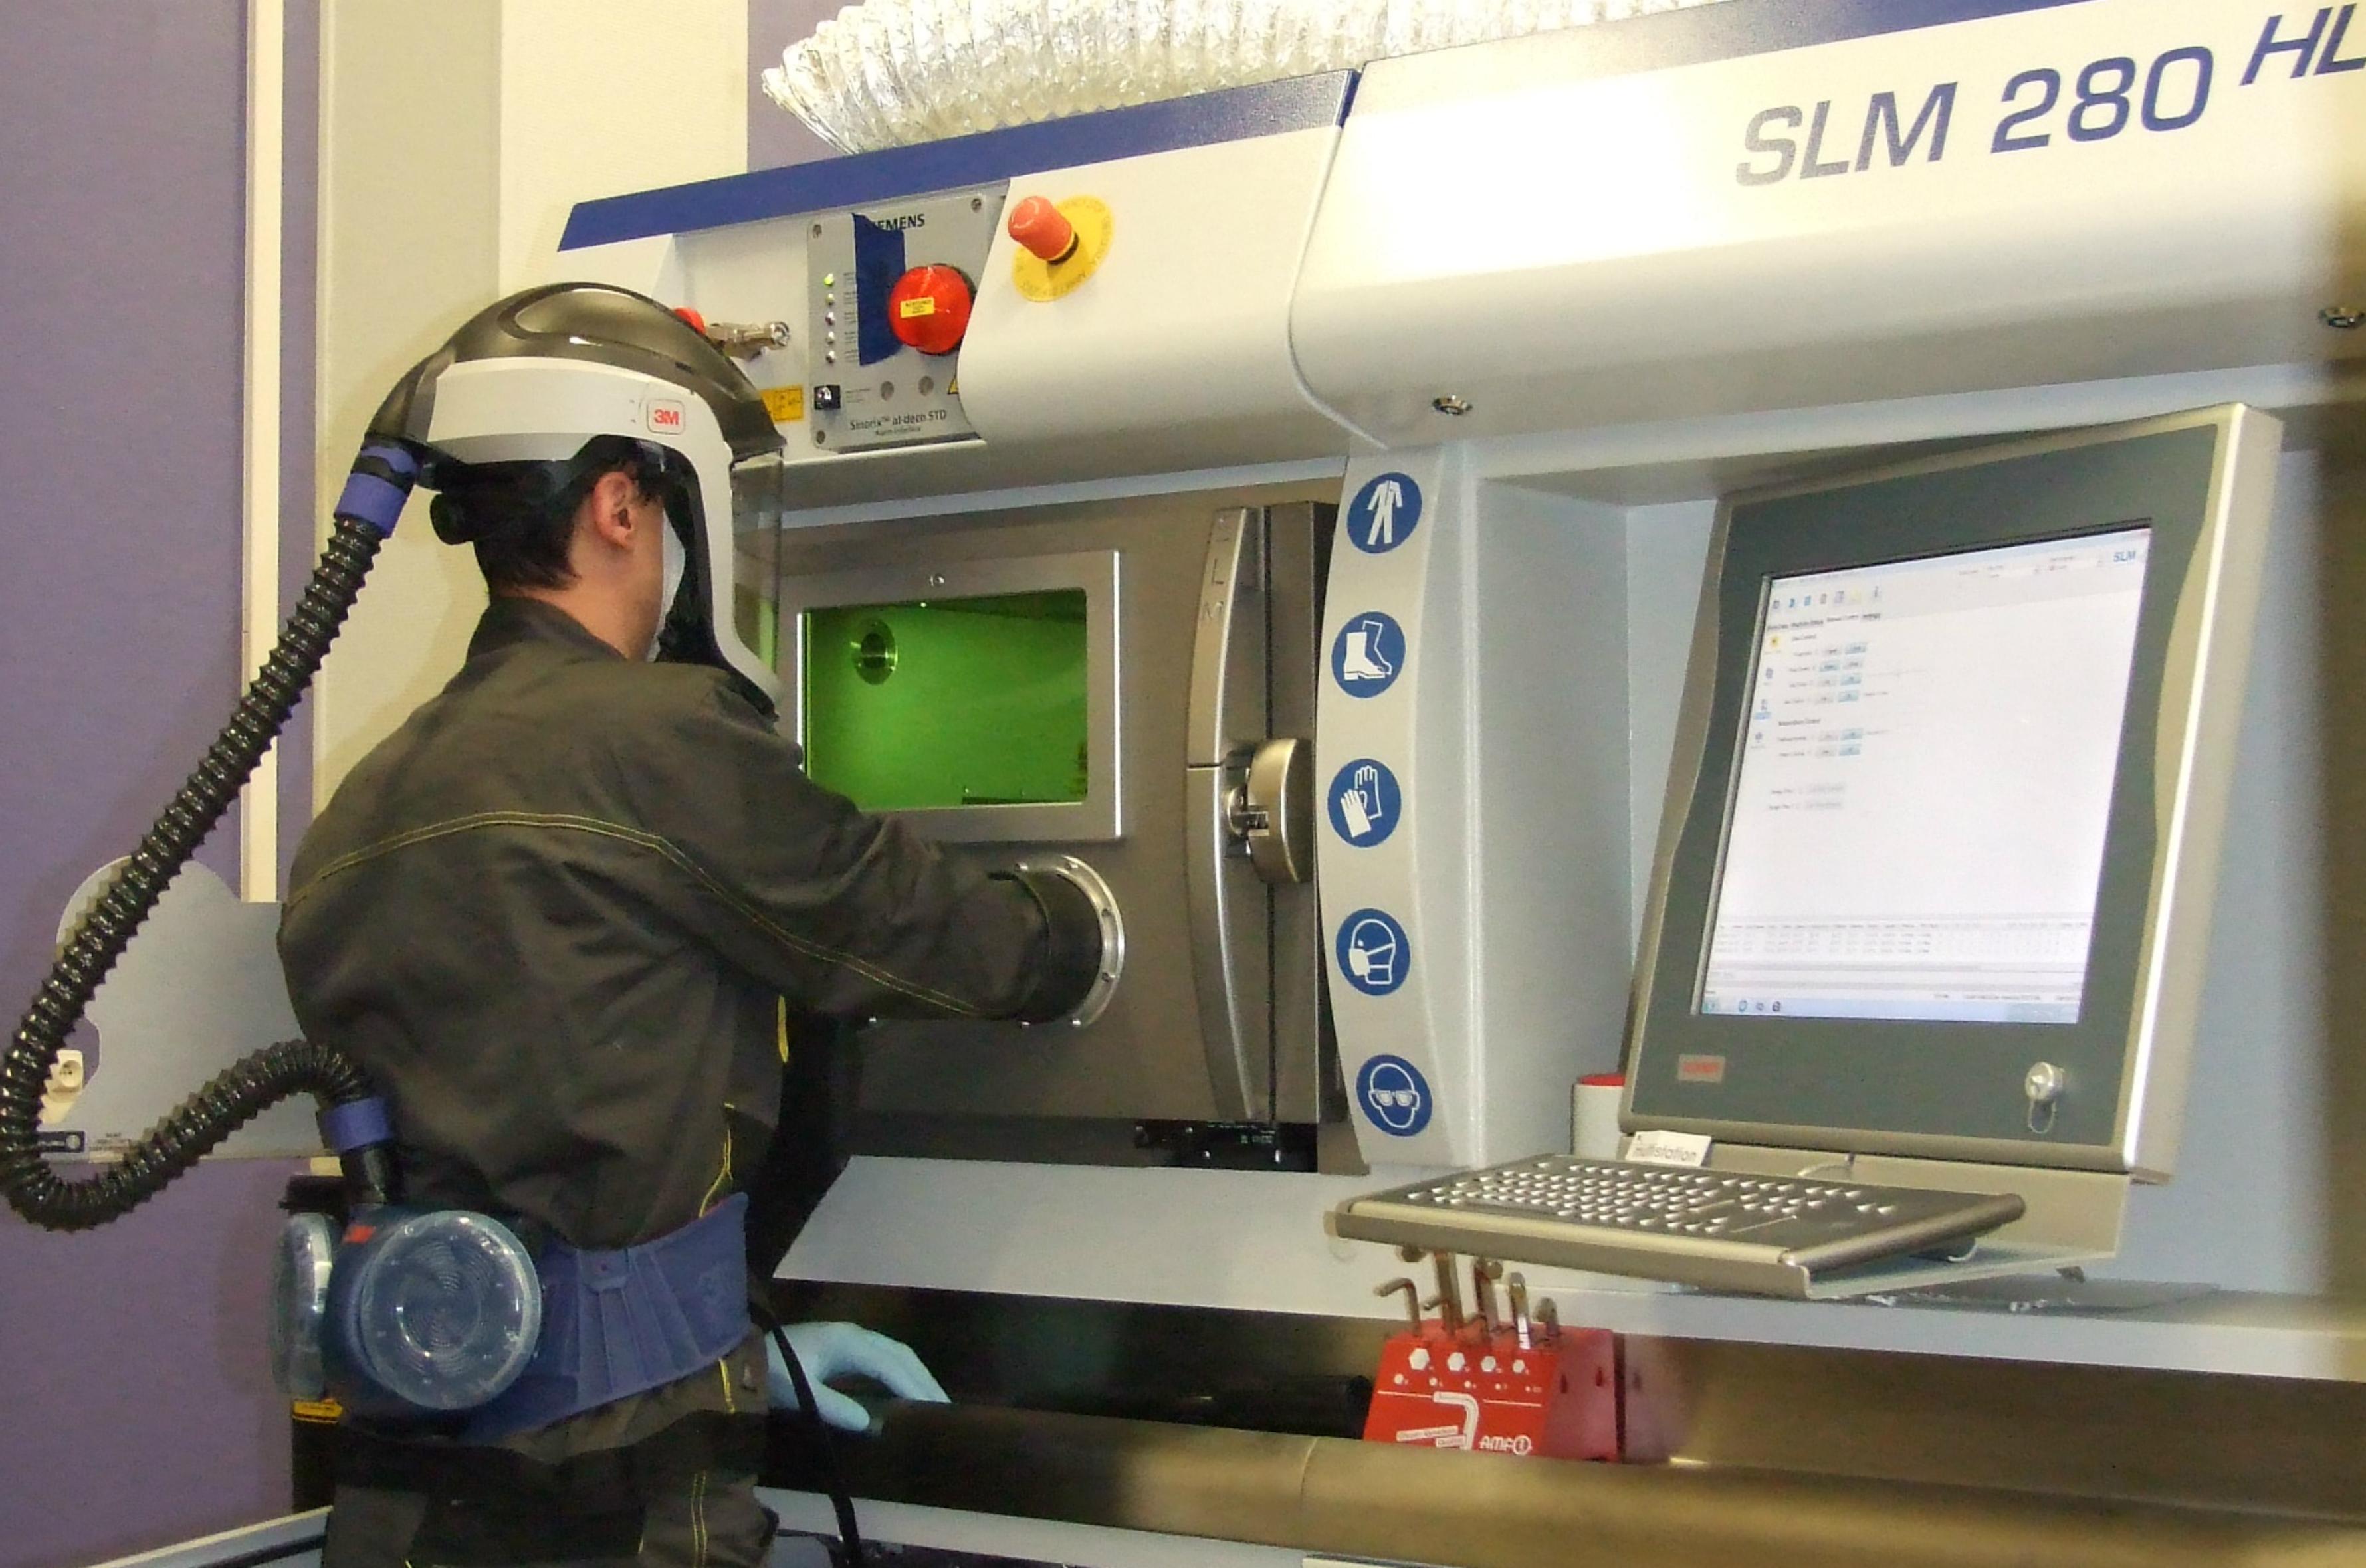 Utilisation de la machine SLM 280 HL par une des entreprises participantes au projet SUPCHAD